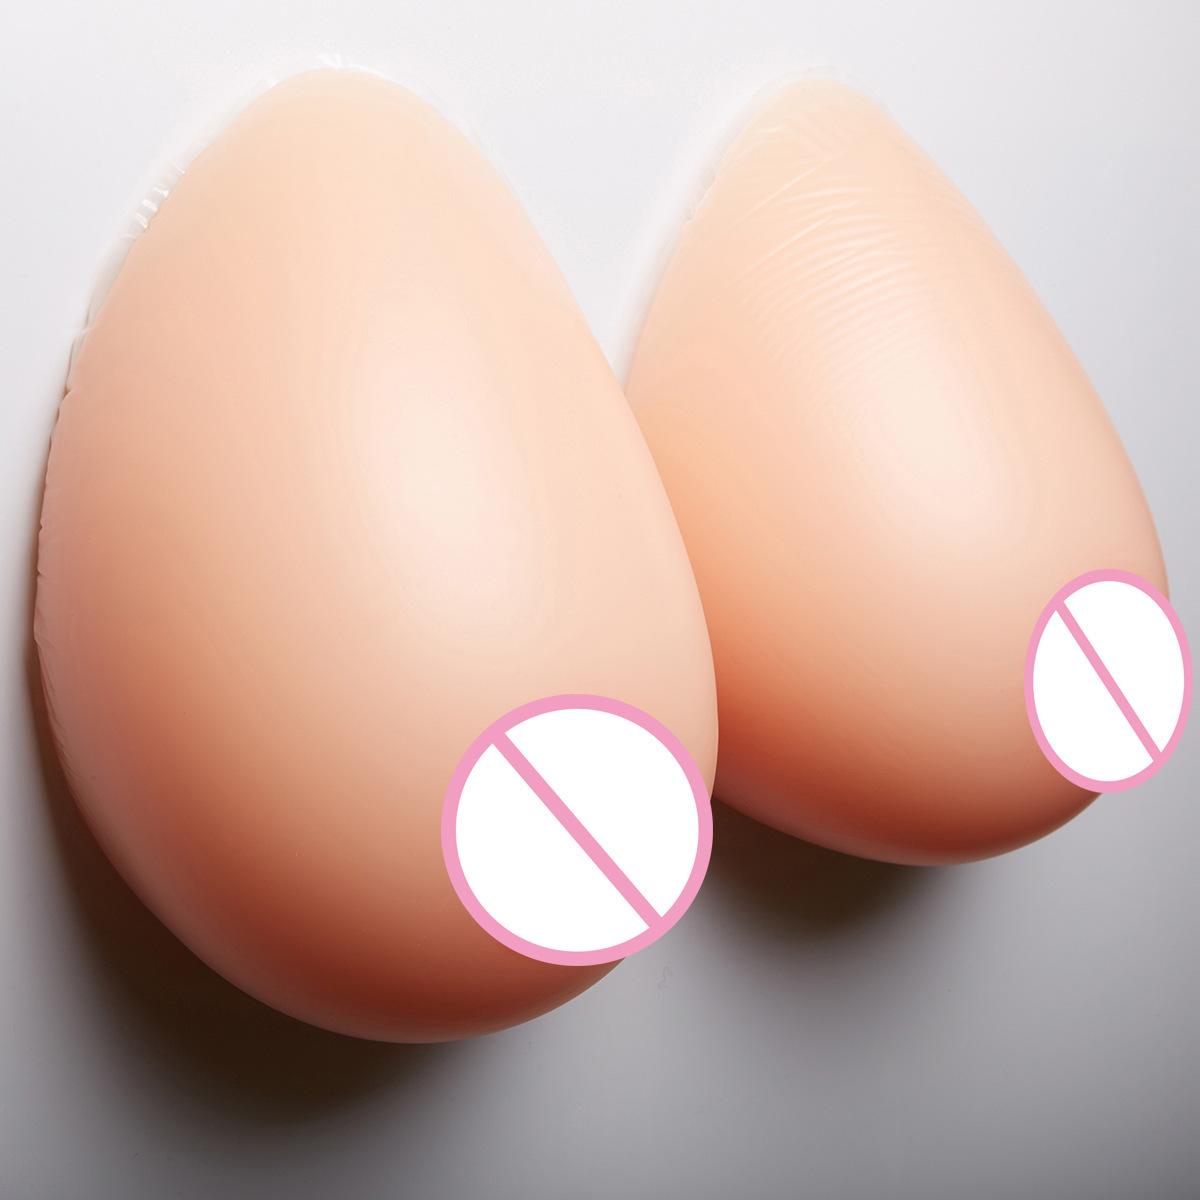 営業所止め可能 秘密発送 人工 乳房 偽胸 豊胸 おっぱい 女装 自然な一体感 粘着 貼付式 シリコンバスト 左右 2個 Eカップ_画像2